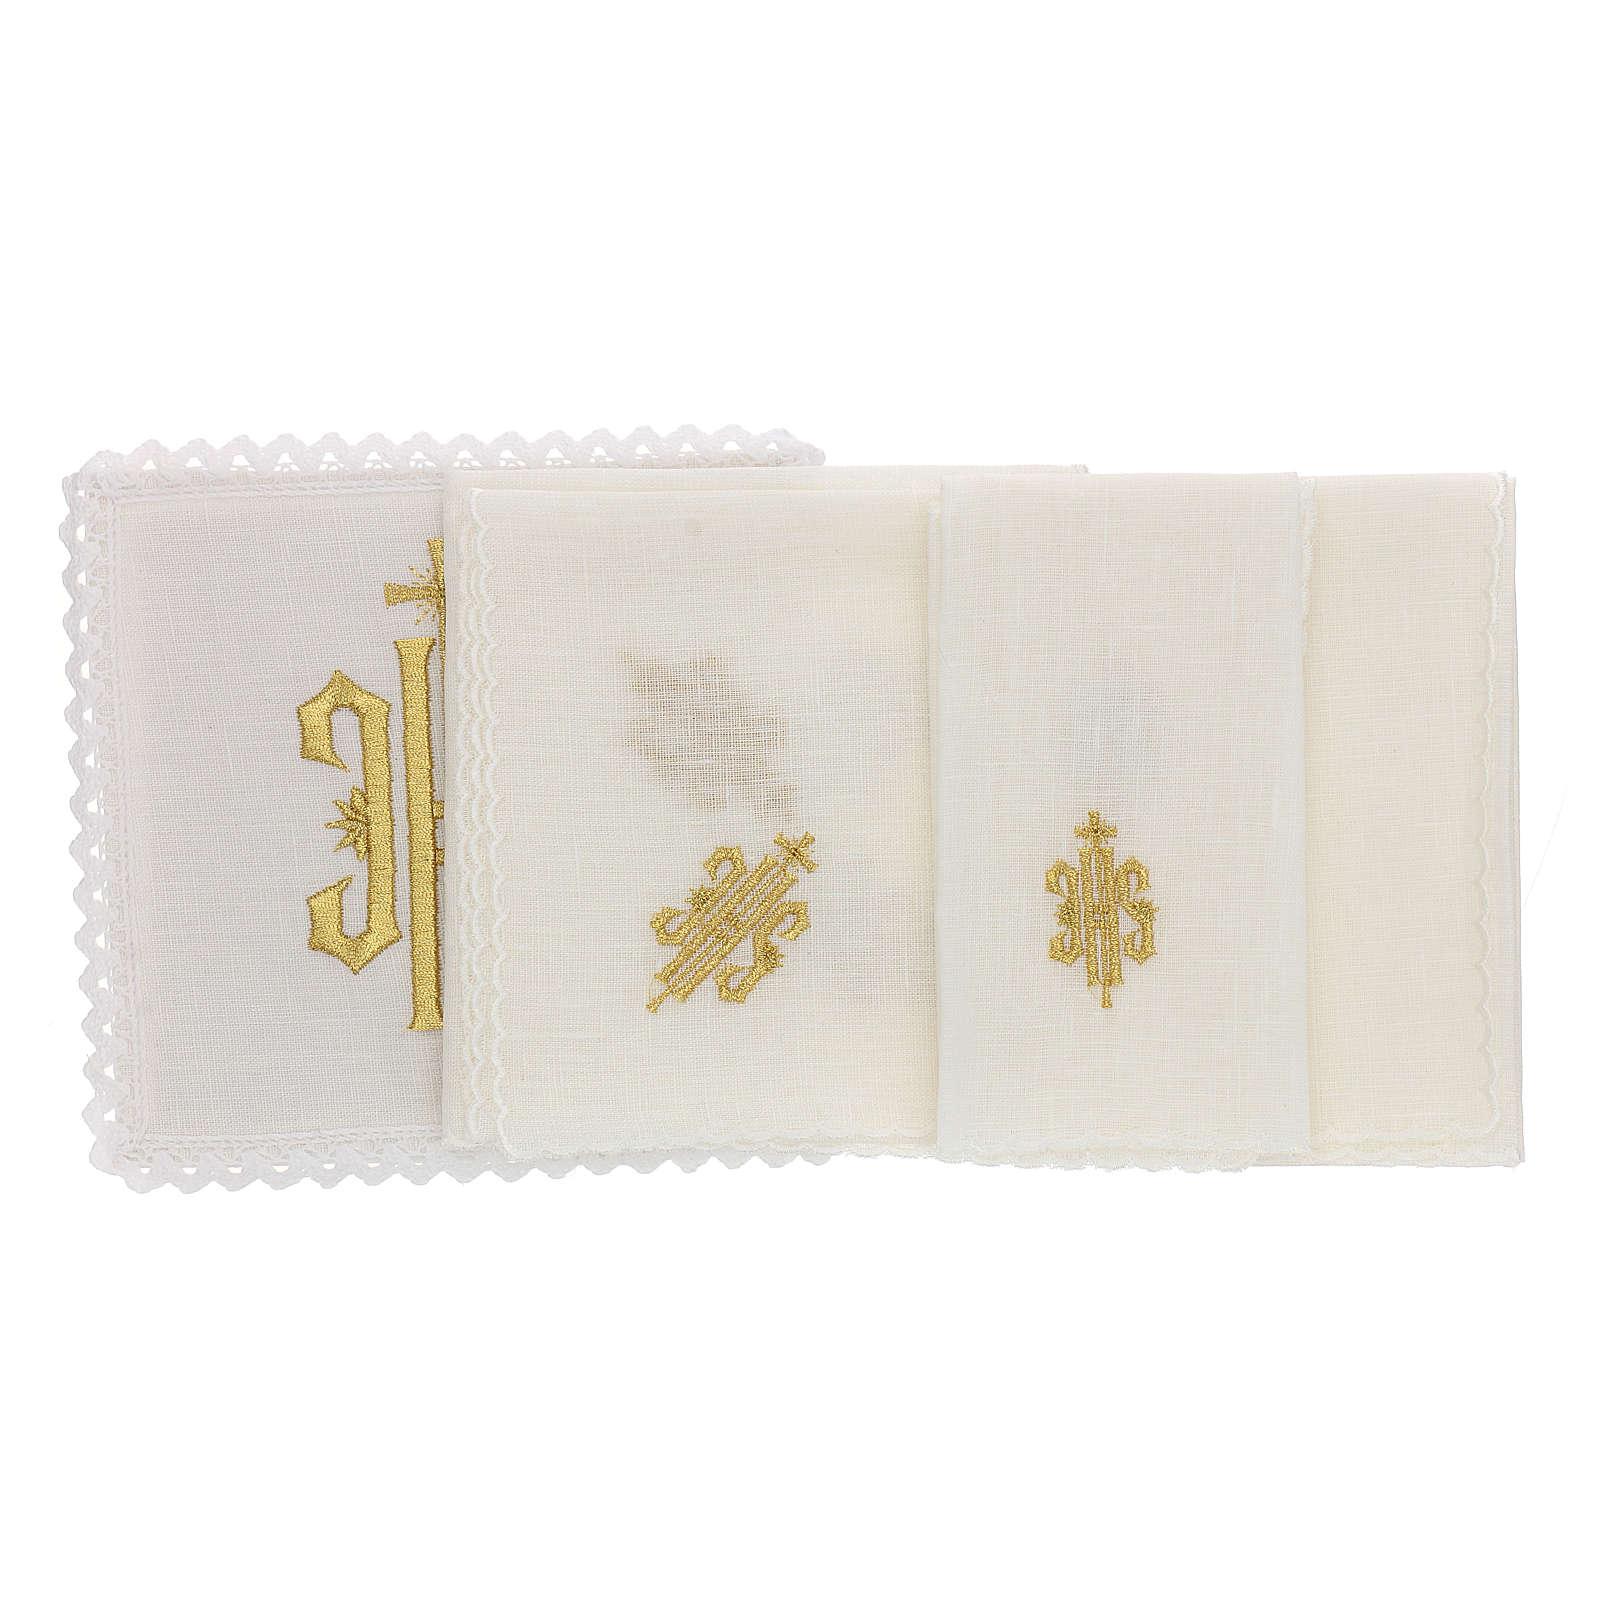 Servicio de altar hilo símbolo JHS bordado oro 4